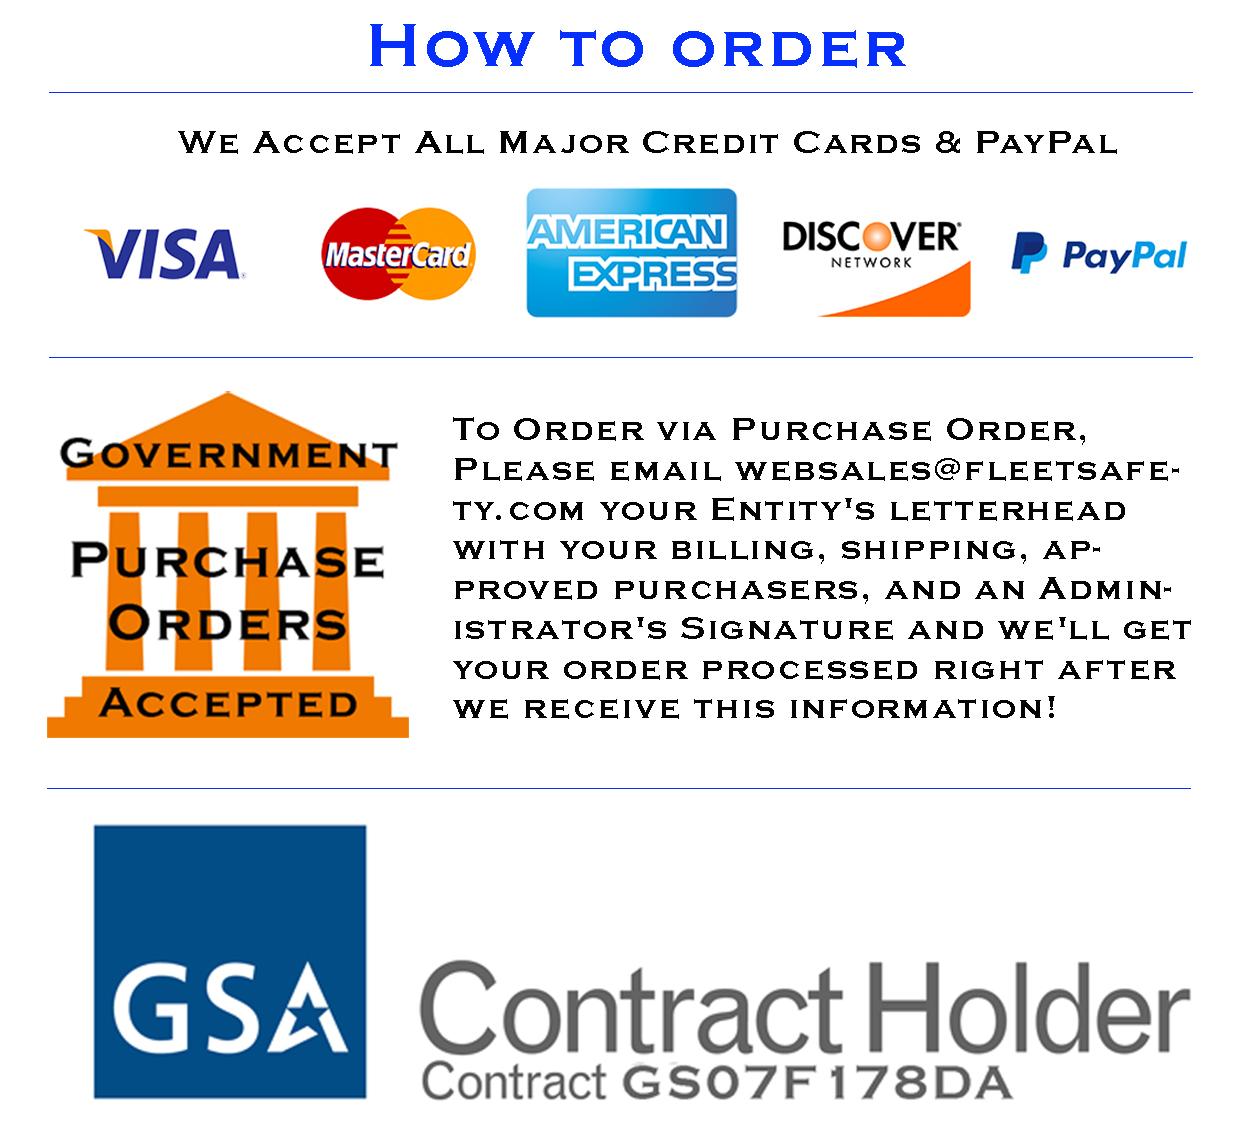 how-to-order-gov-2.jpg